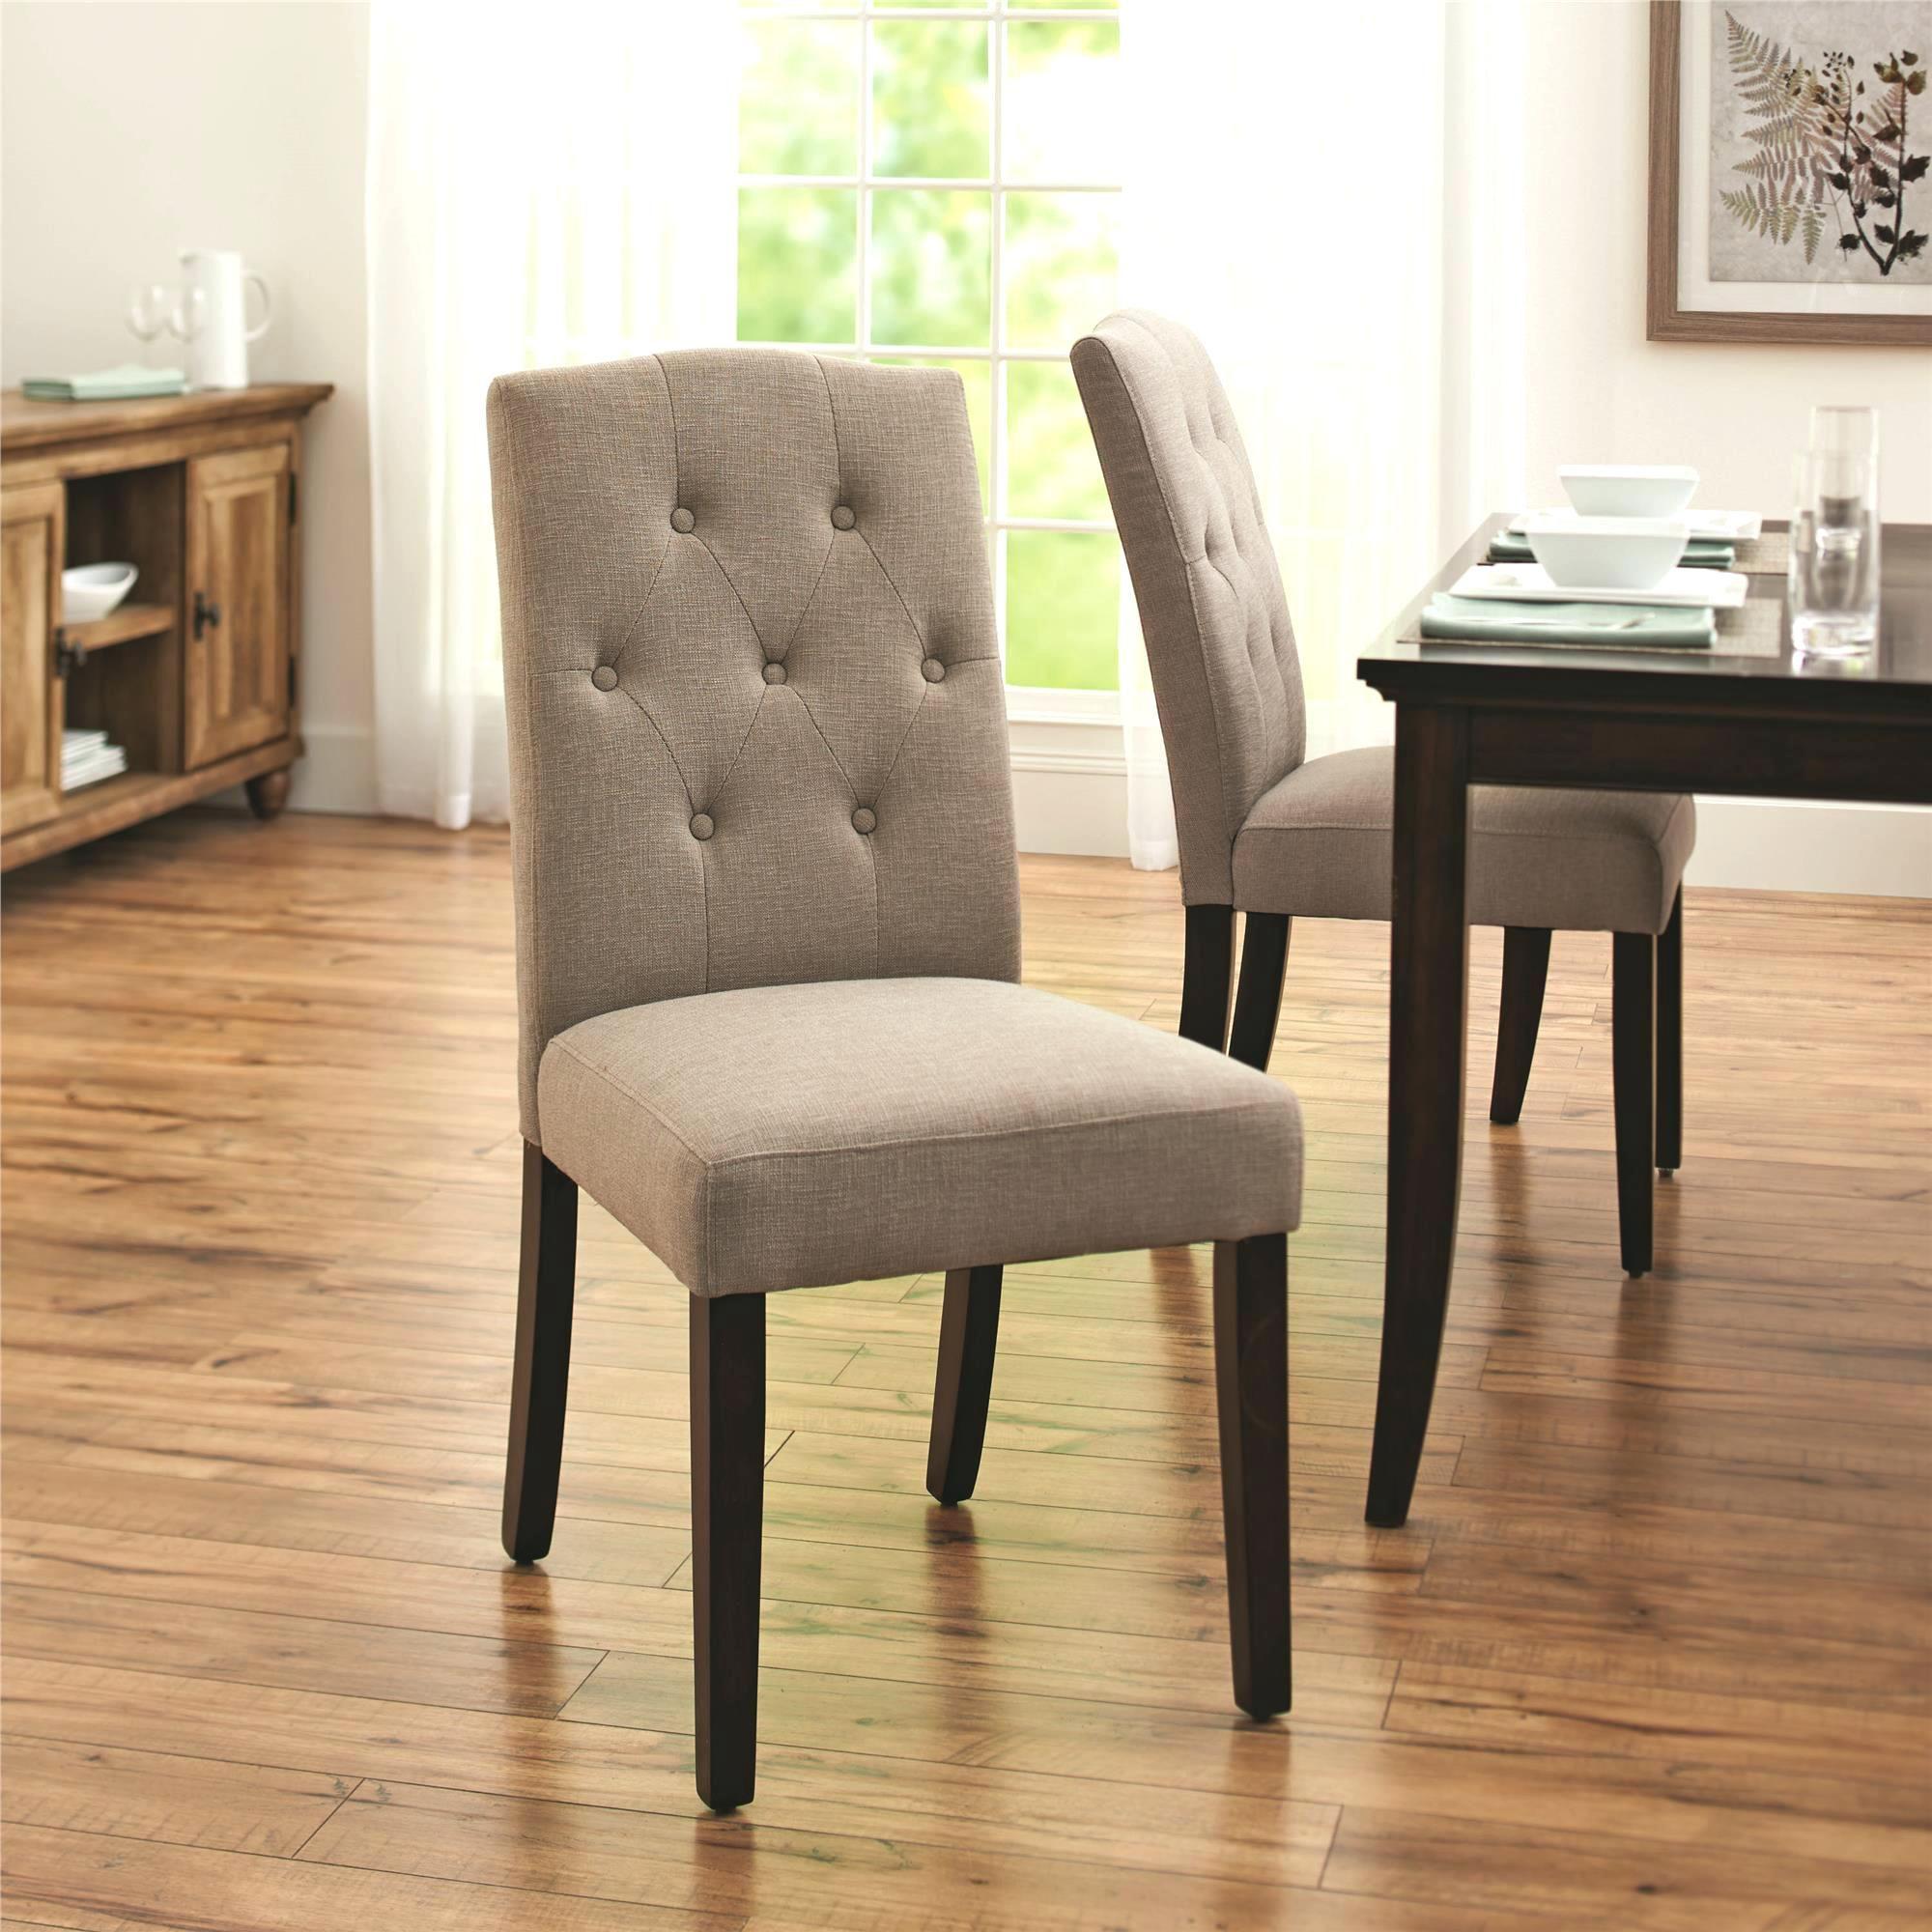 Farbe Stühle | Stühle | Pinterest | Stuhl, Esstisch stühle und ...